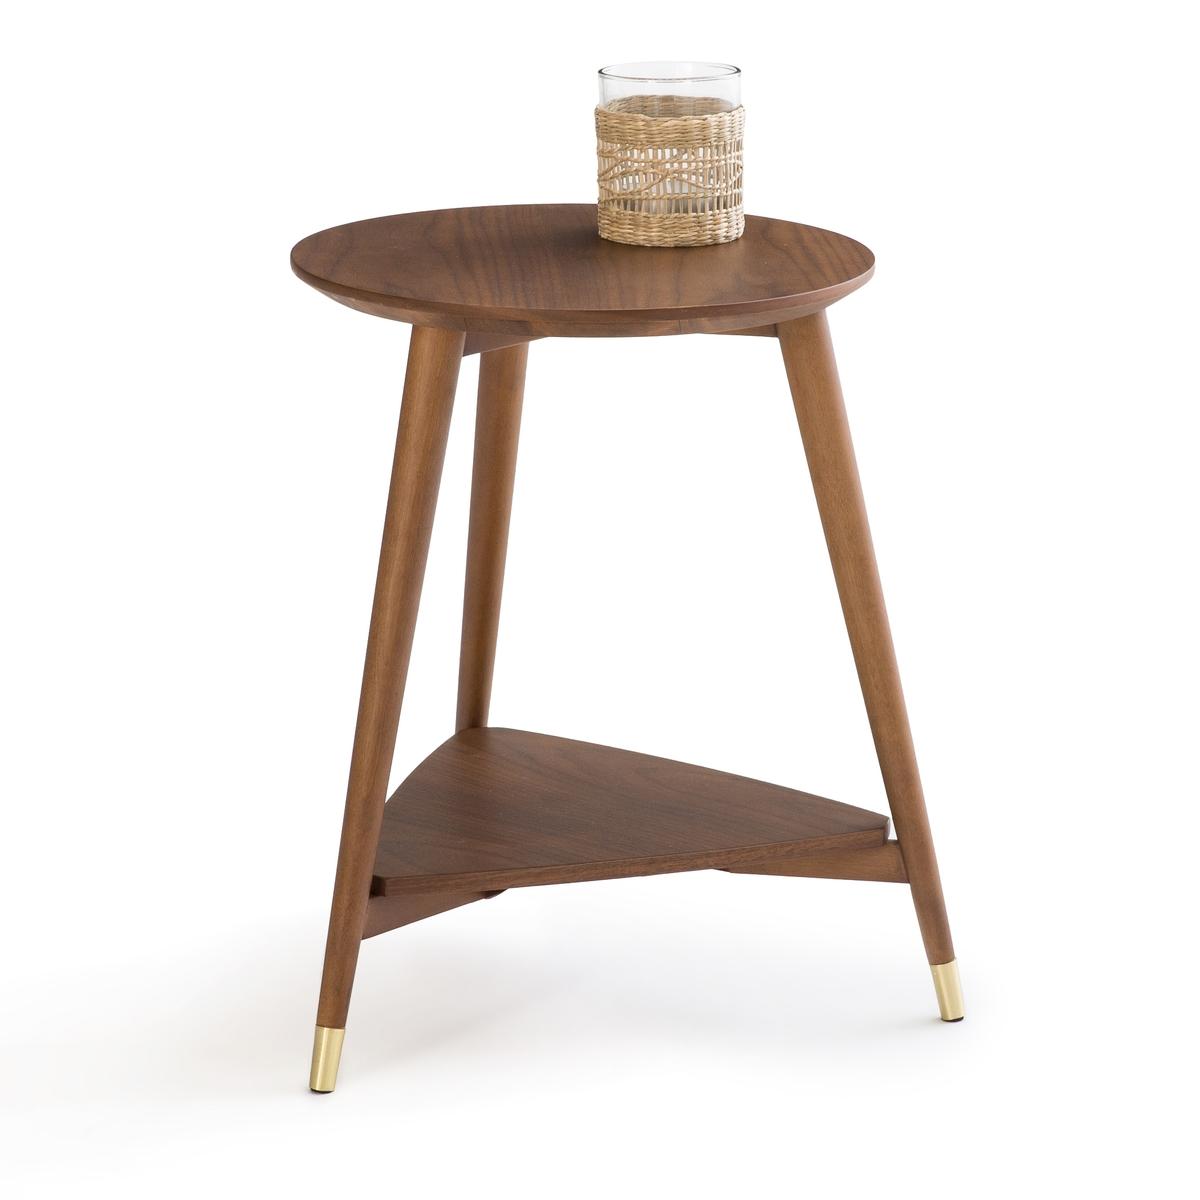 Фото - Столик LaRedoute В винтажном стиле Watford единый размер каштановый прикроватный la redoute столик в стиле винтаж watford единый размер каштановый